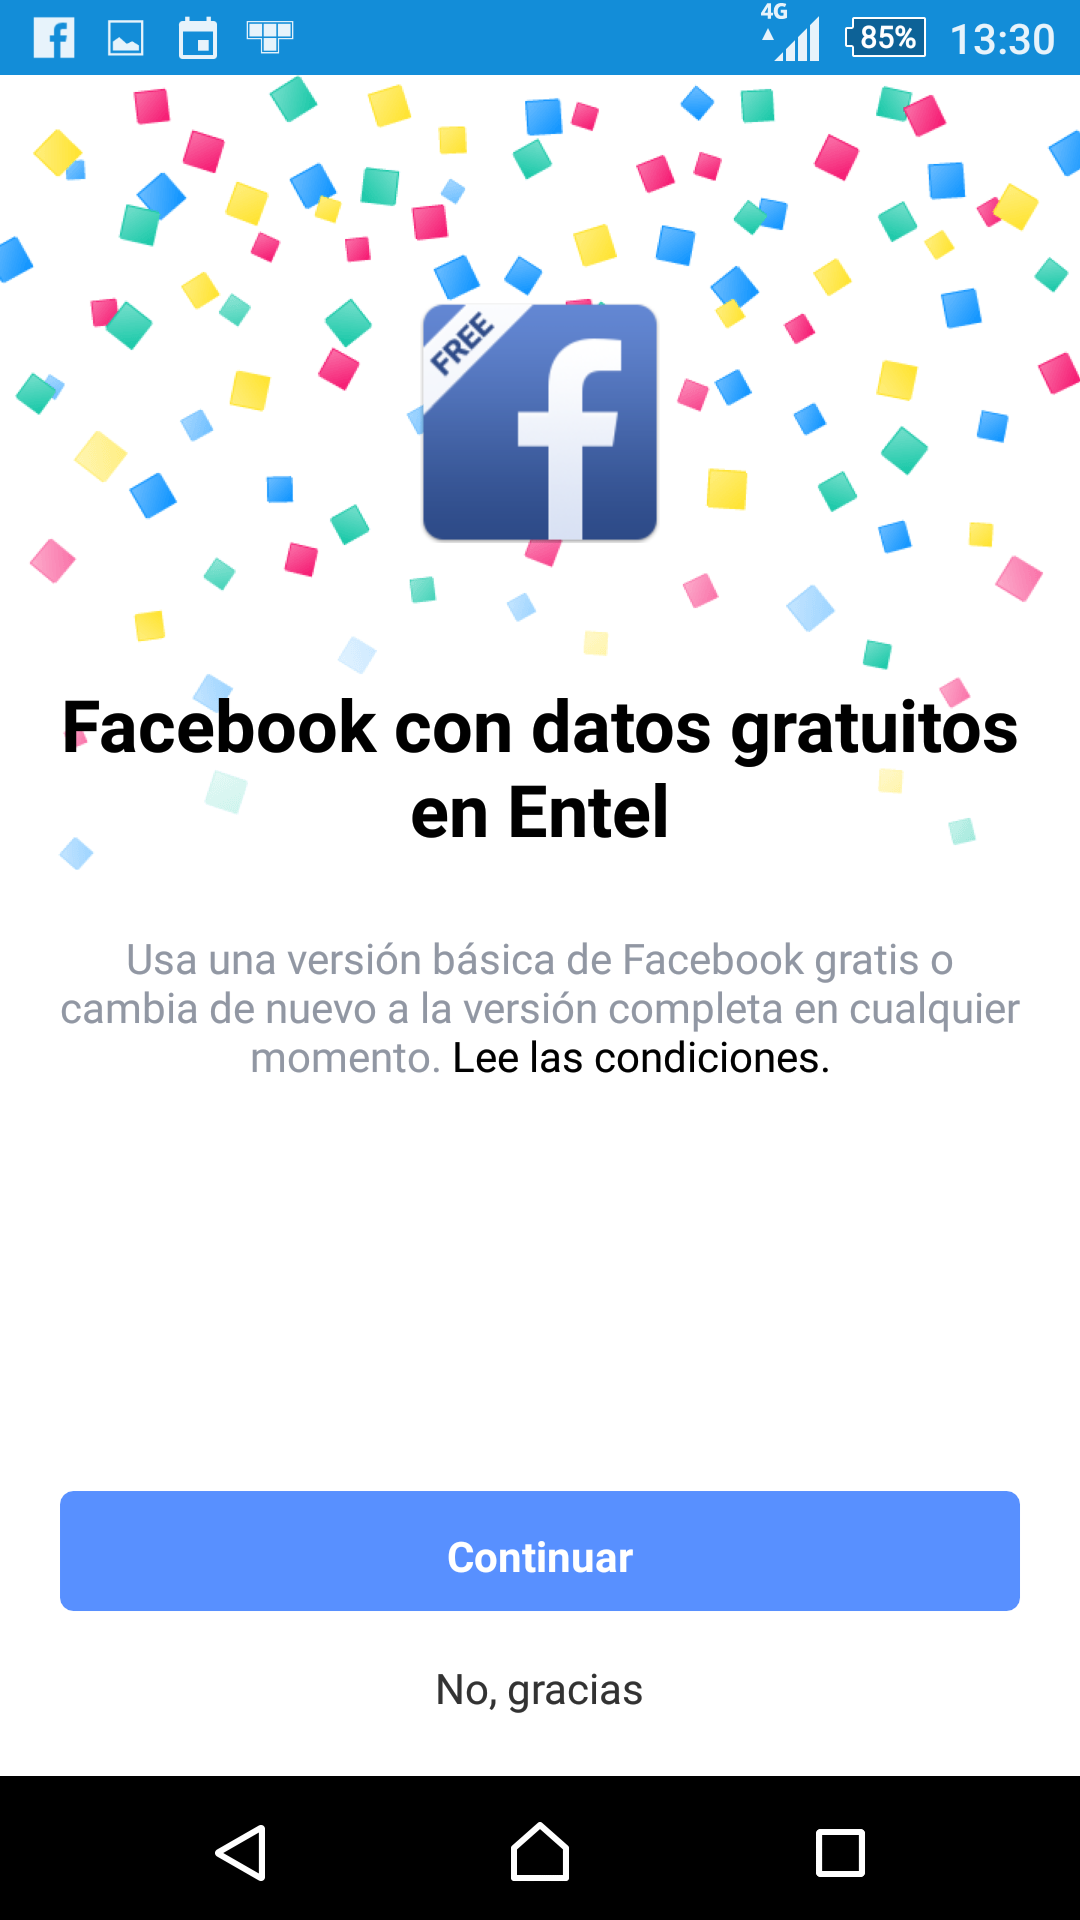 Saludo Facebook con datos gtatuitos en Entel